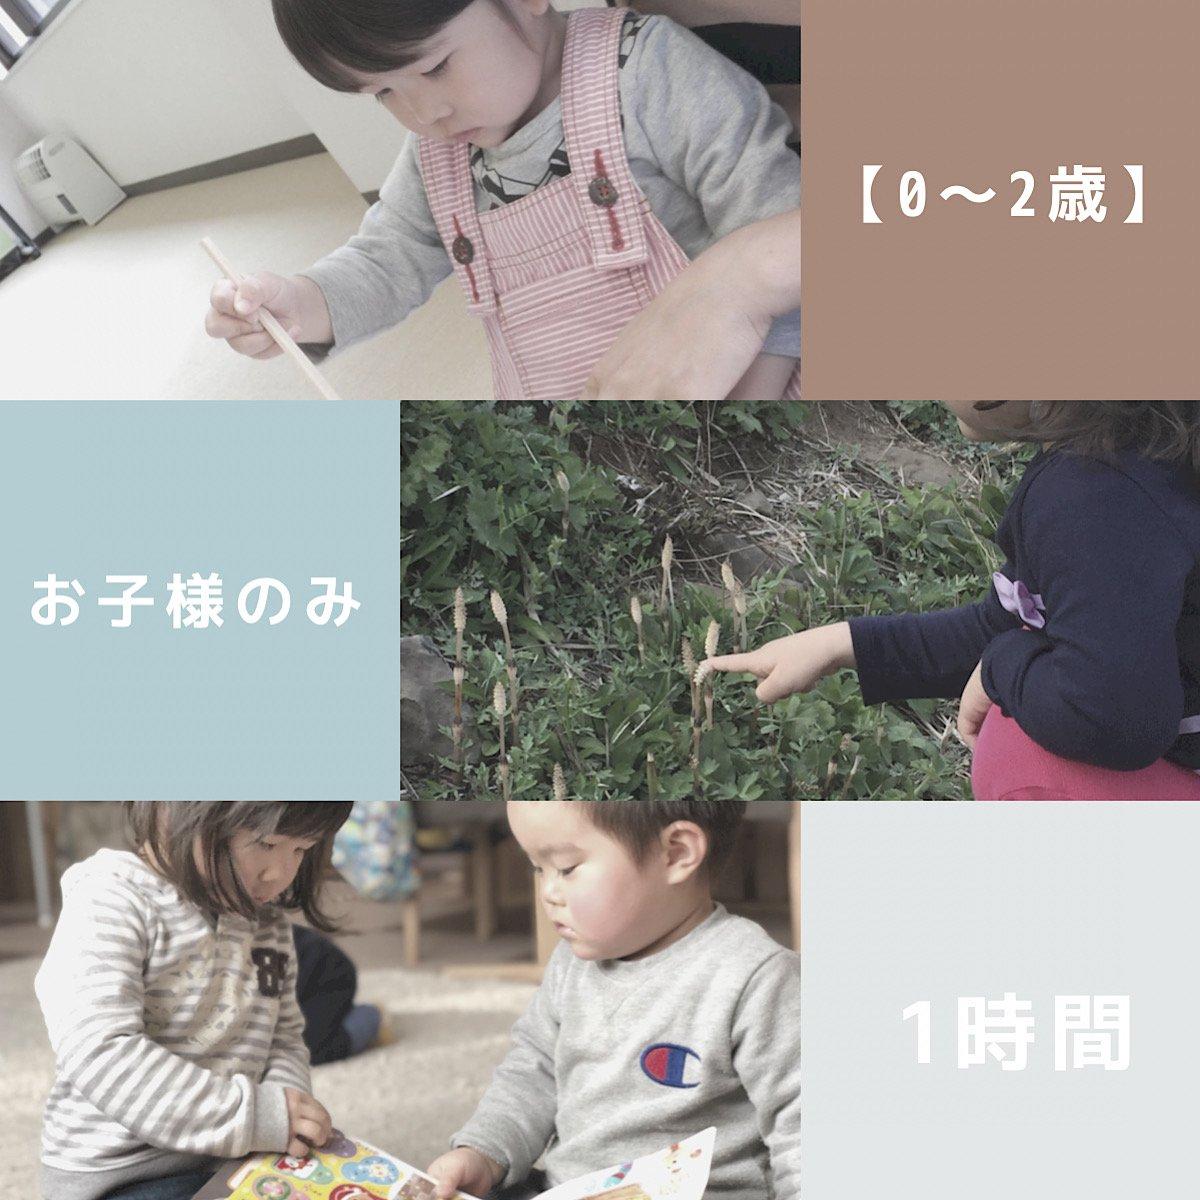 【0~2歳】一時預かり 1時間チケット   1時間税込¥700《後払い専用》   壱岐一時預かり所・託児所 ほっとママのイメージその1